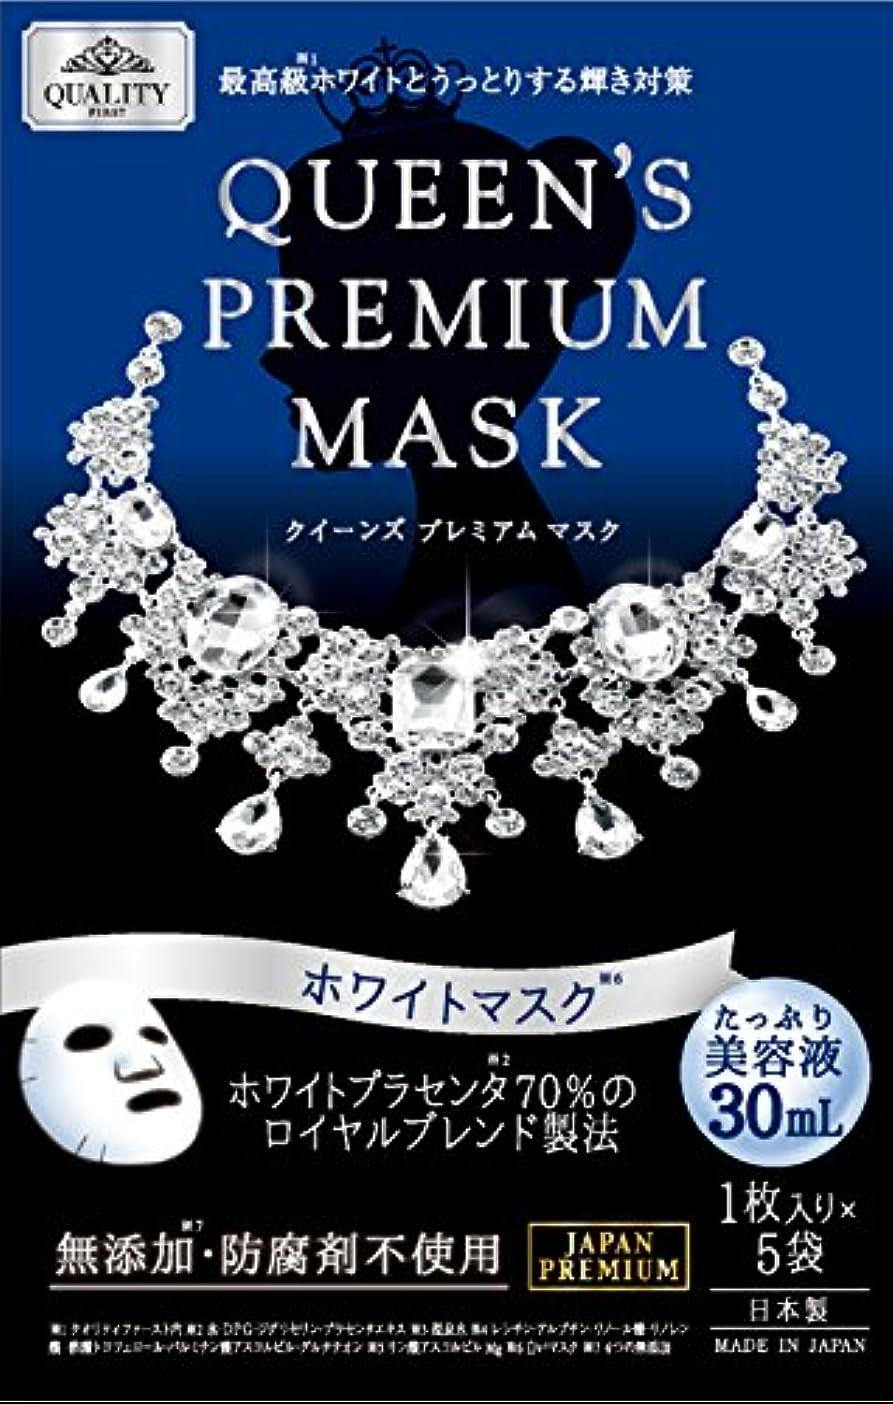 南アメリカ悔い改めなめらかなクイーンズプレミアムマスク ホワイトマスク 5枚入